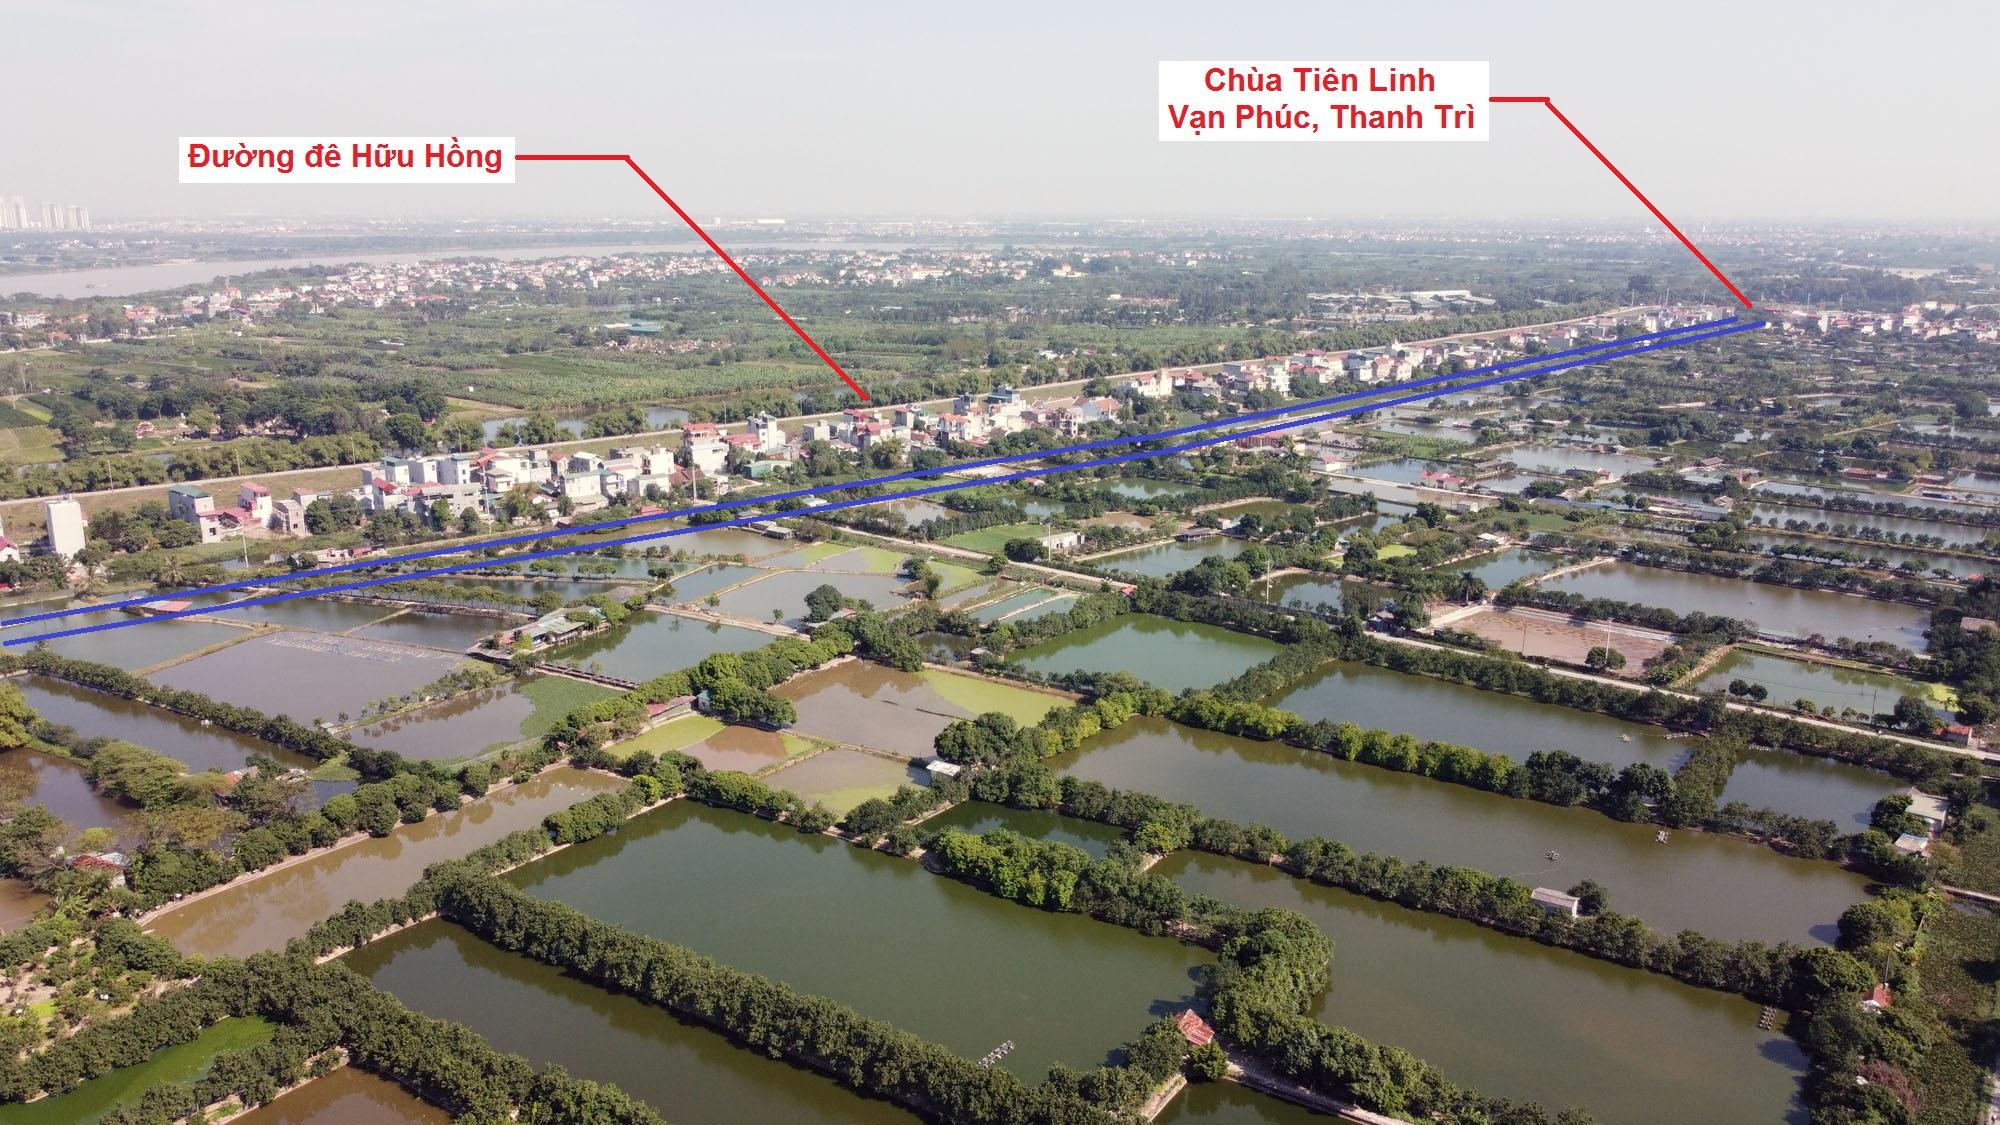 Ba đường sẽ mở theo quy hoạch ở xã Đông Mỹ, Thanh Trì, Hà Nội - Ảnh 13.